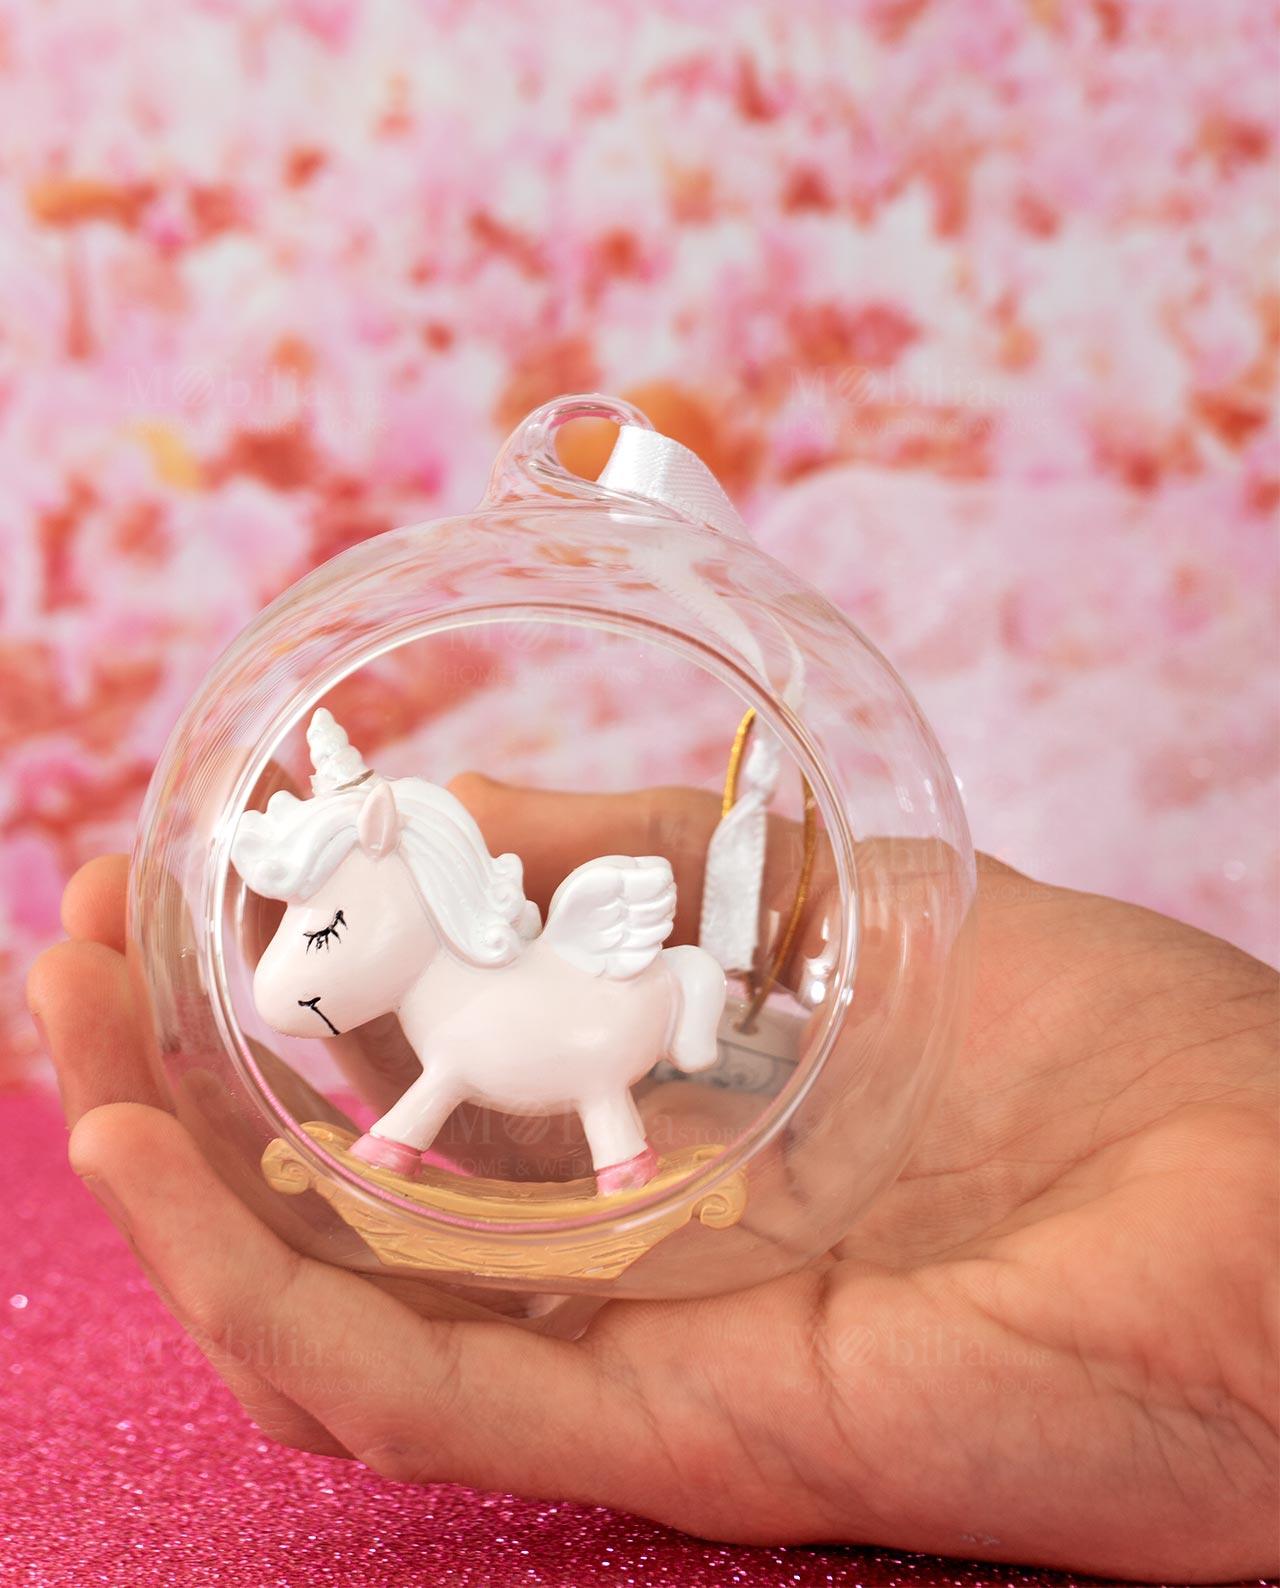 Assortito in 2 Varianti Battesimo Femminuccia bomboniere Nascita Ingrosso e Risparmio Palla di Neve in Vetro con Unicorno Rosa in Resina e Arcobaleno Senza confezionamento